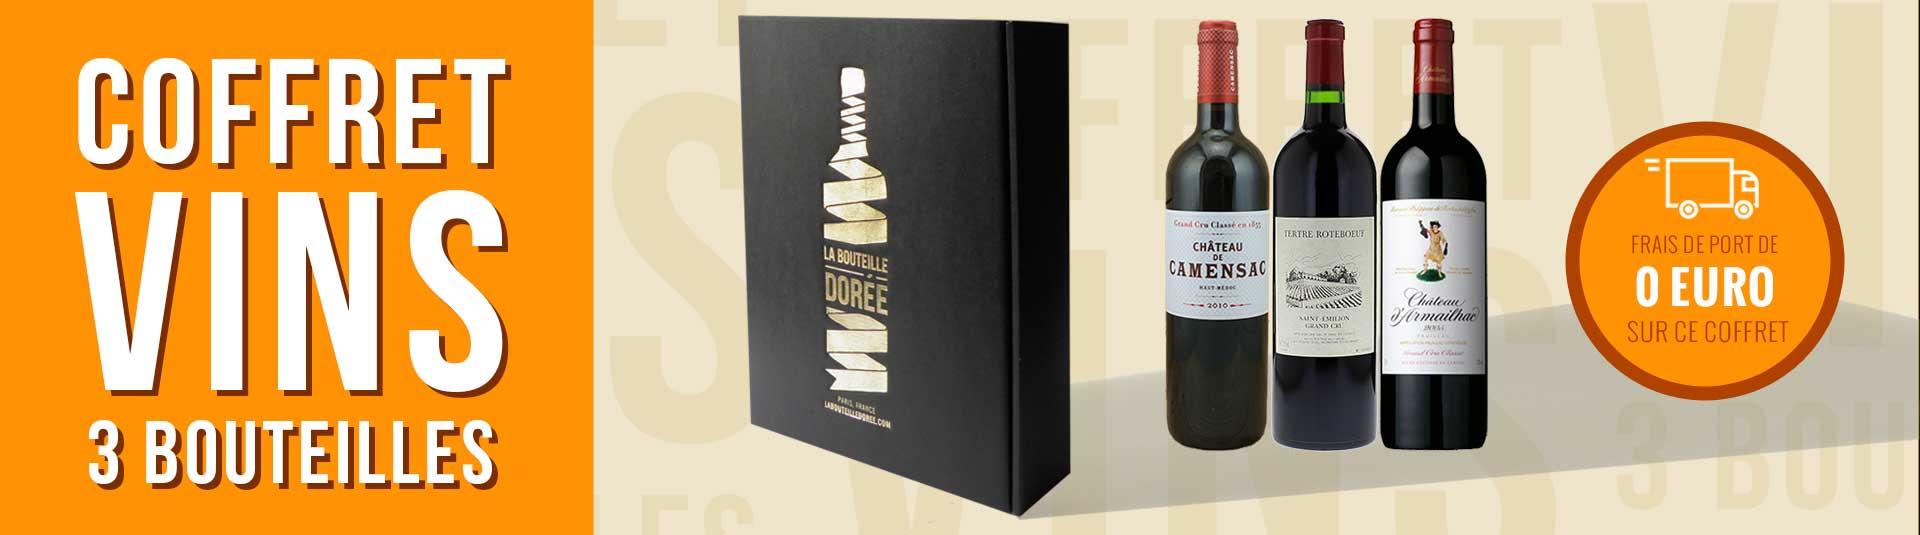 coffret vin 3 bouteilles Bordeaux grands crus classés 2010